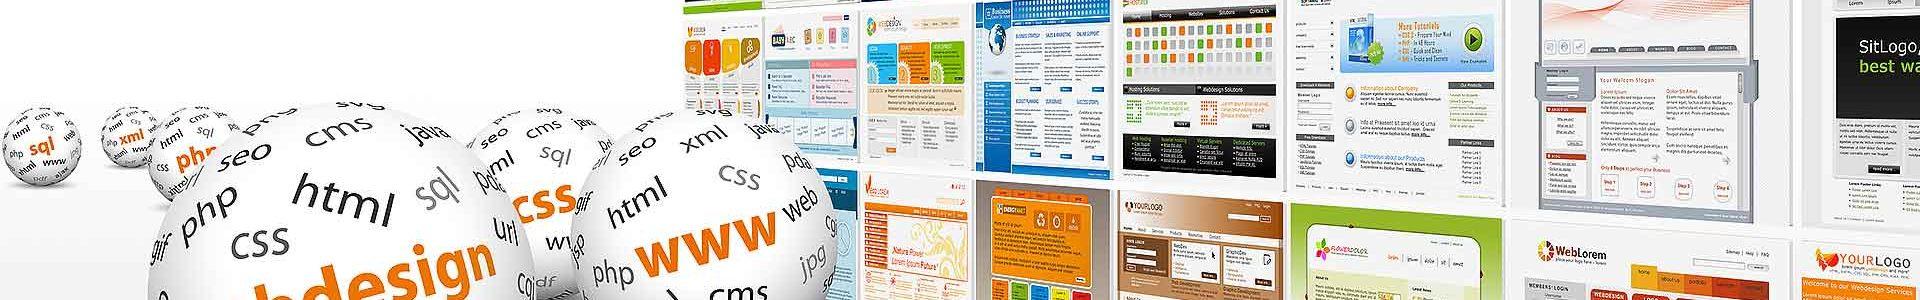 Ny hjemmeside til gode priser - Lønfeldt Marketing